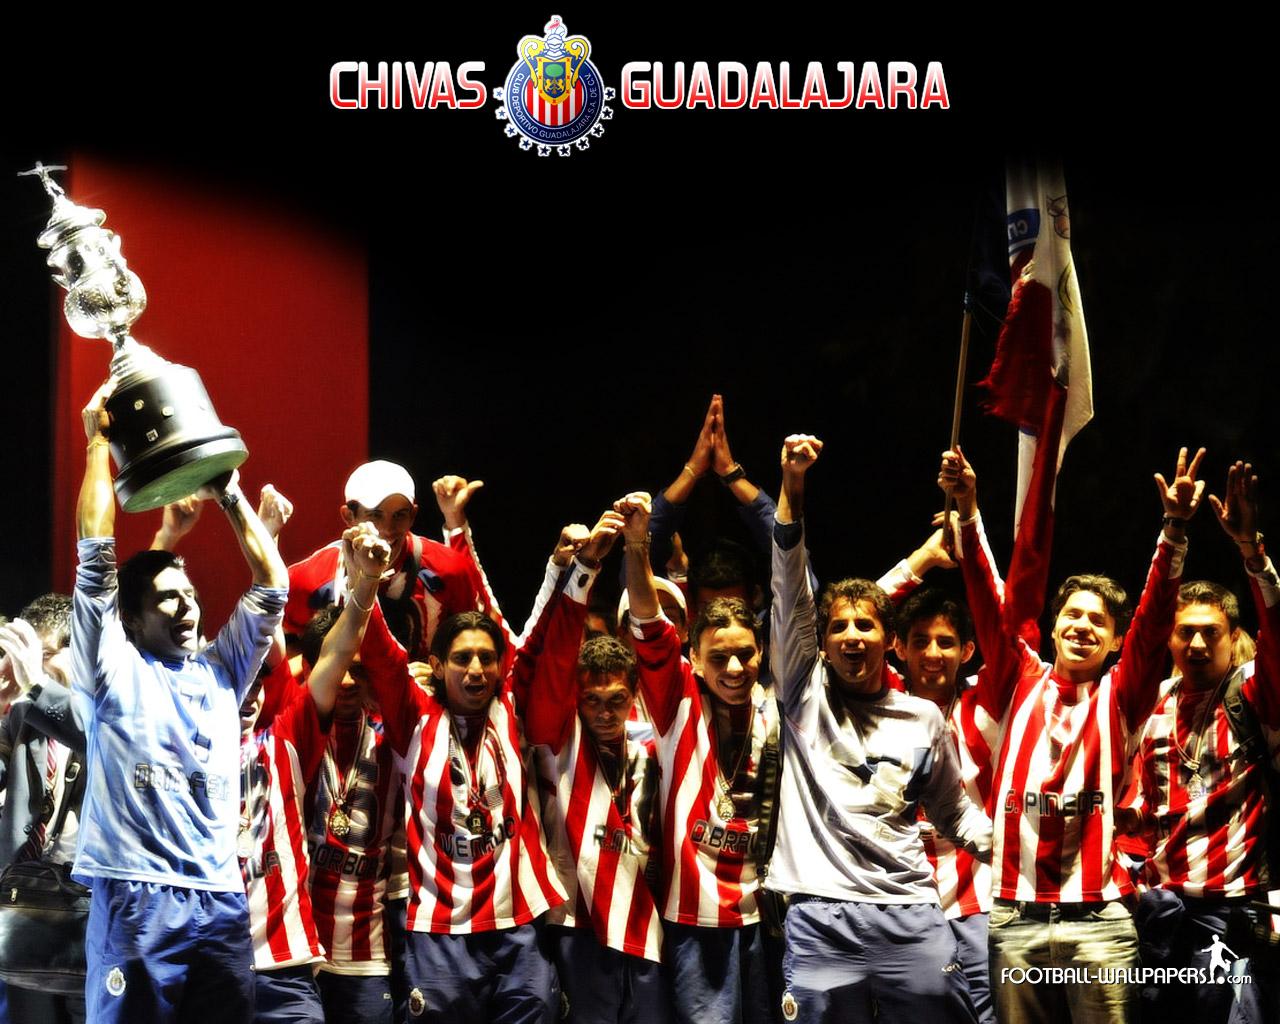 LAS CHIVAS RAYADAS DE GUADALAJARA EN BUSCA DE HACER LA AMÉRICA